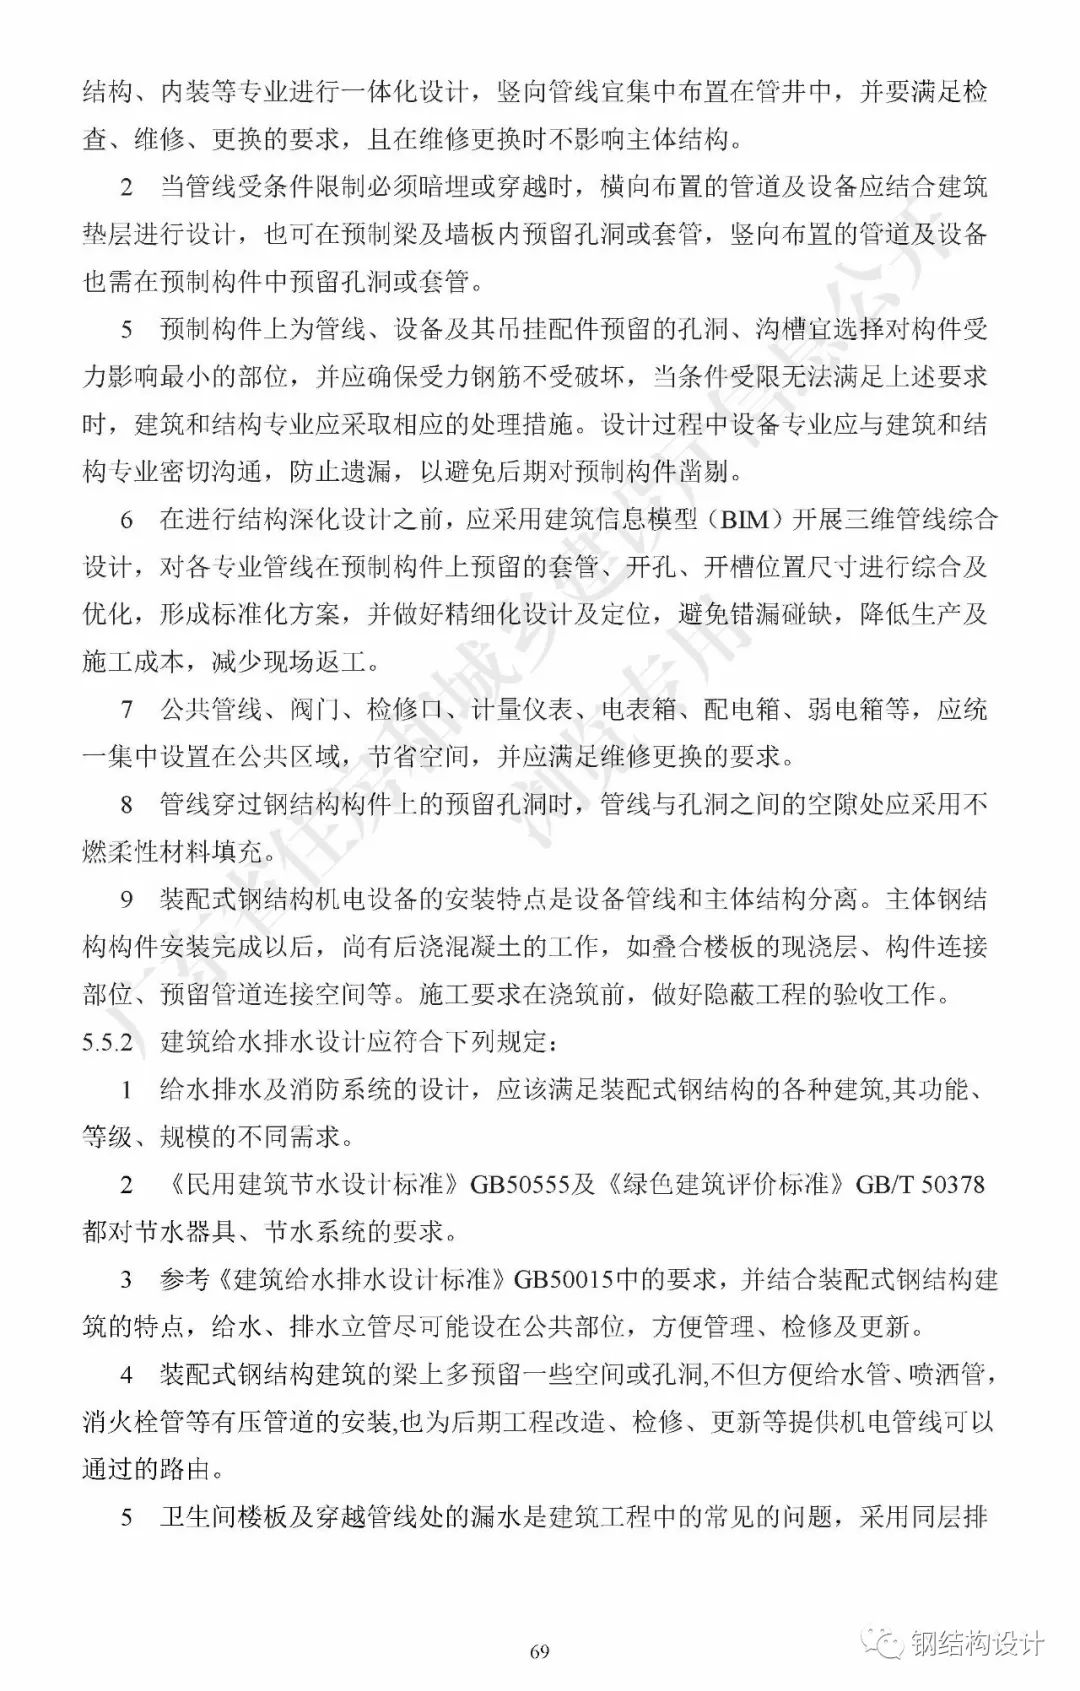 广东省《装配式钢结构建筑技术规程》发布_79